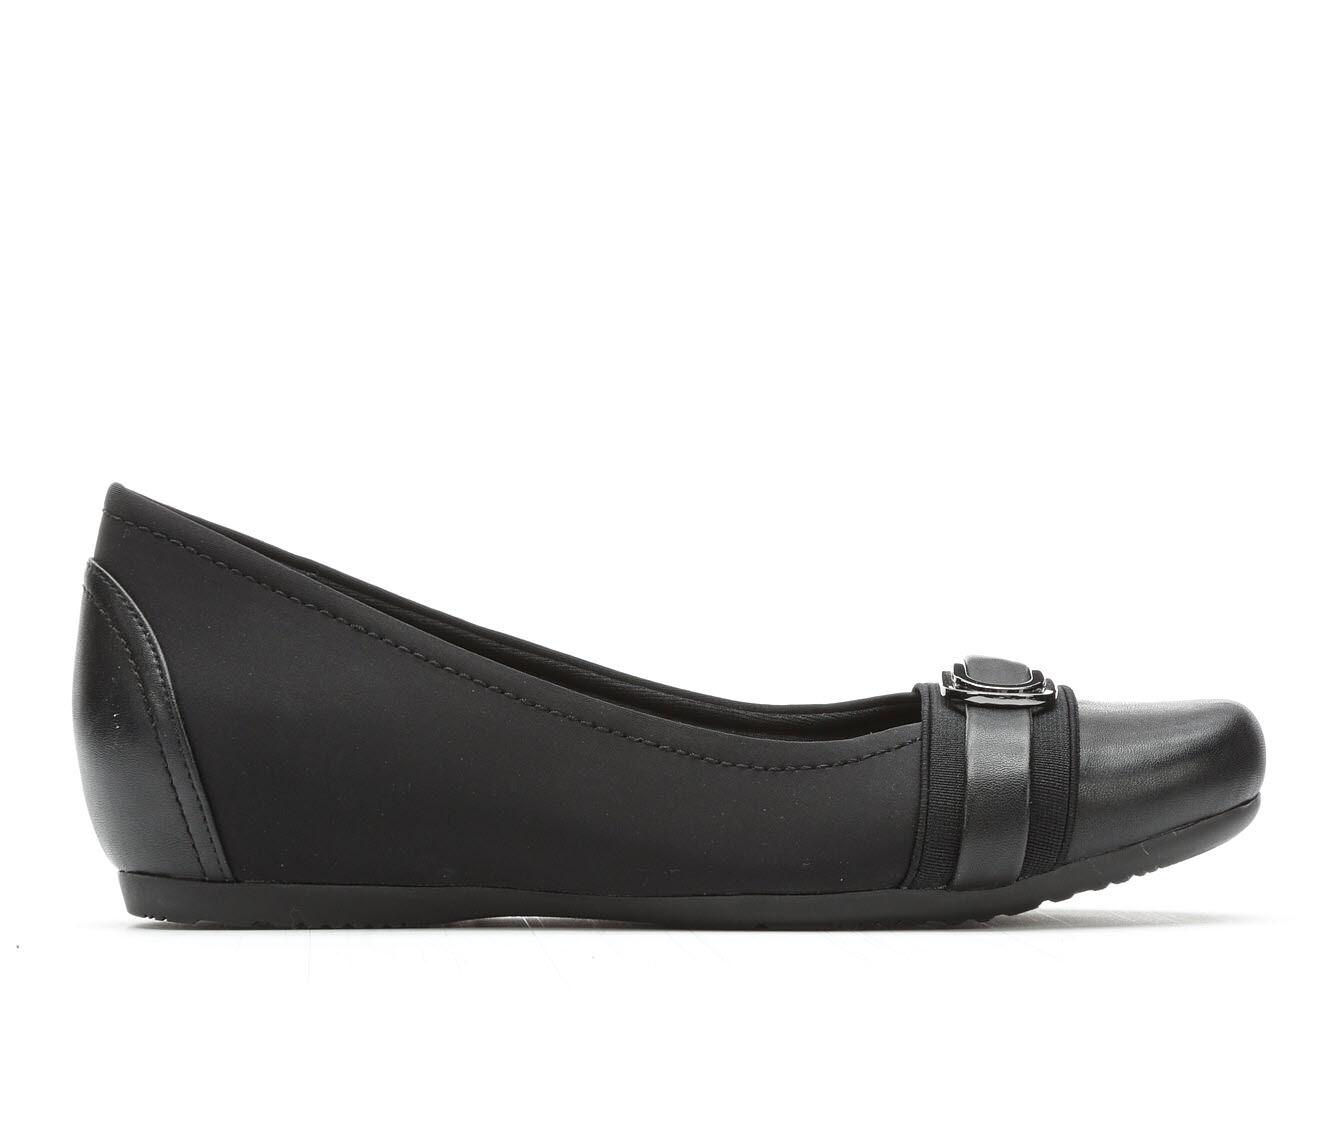 buy online Women's Baretraps Markie Hidden Wedges Black